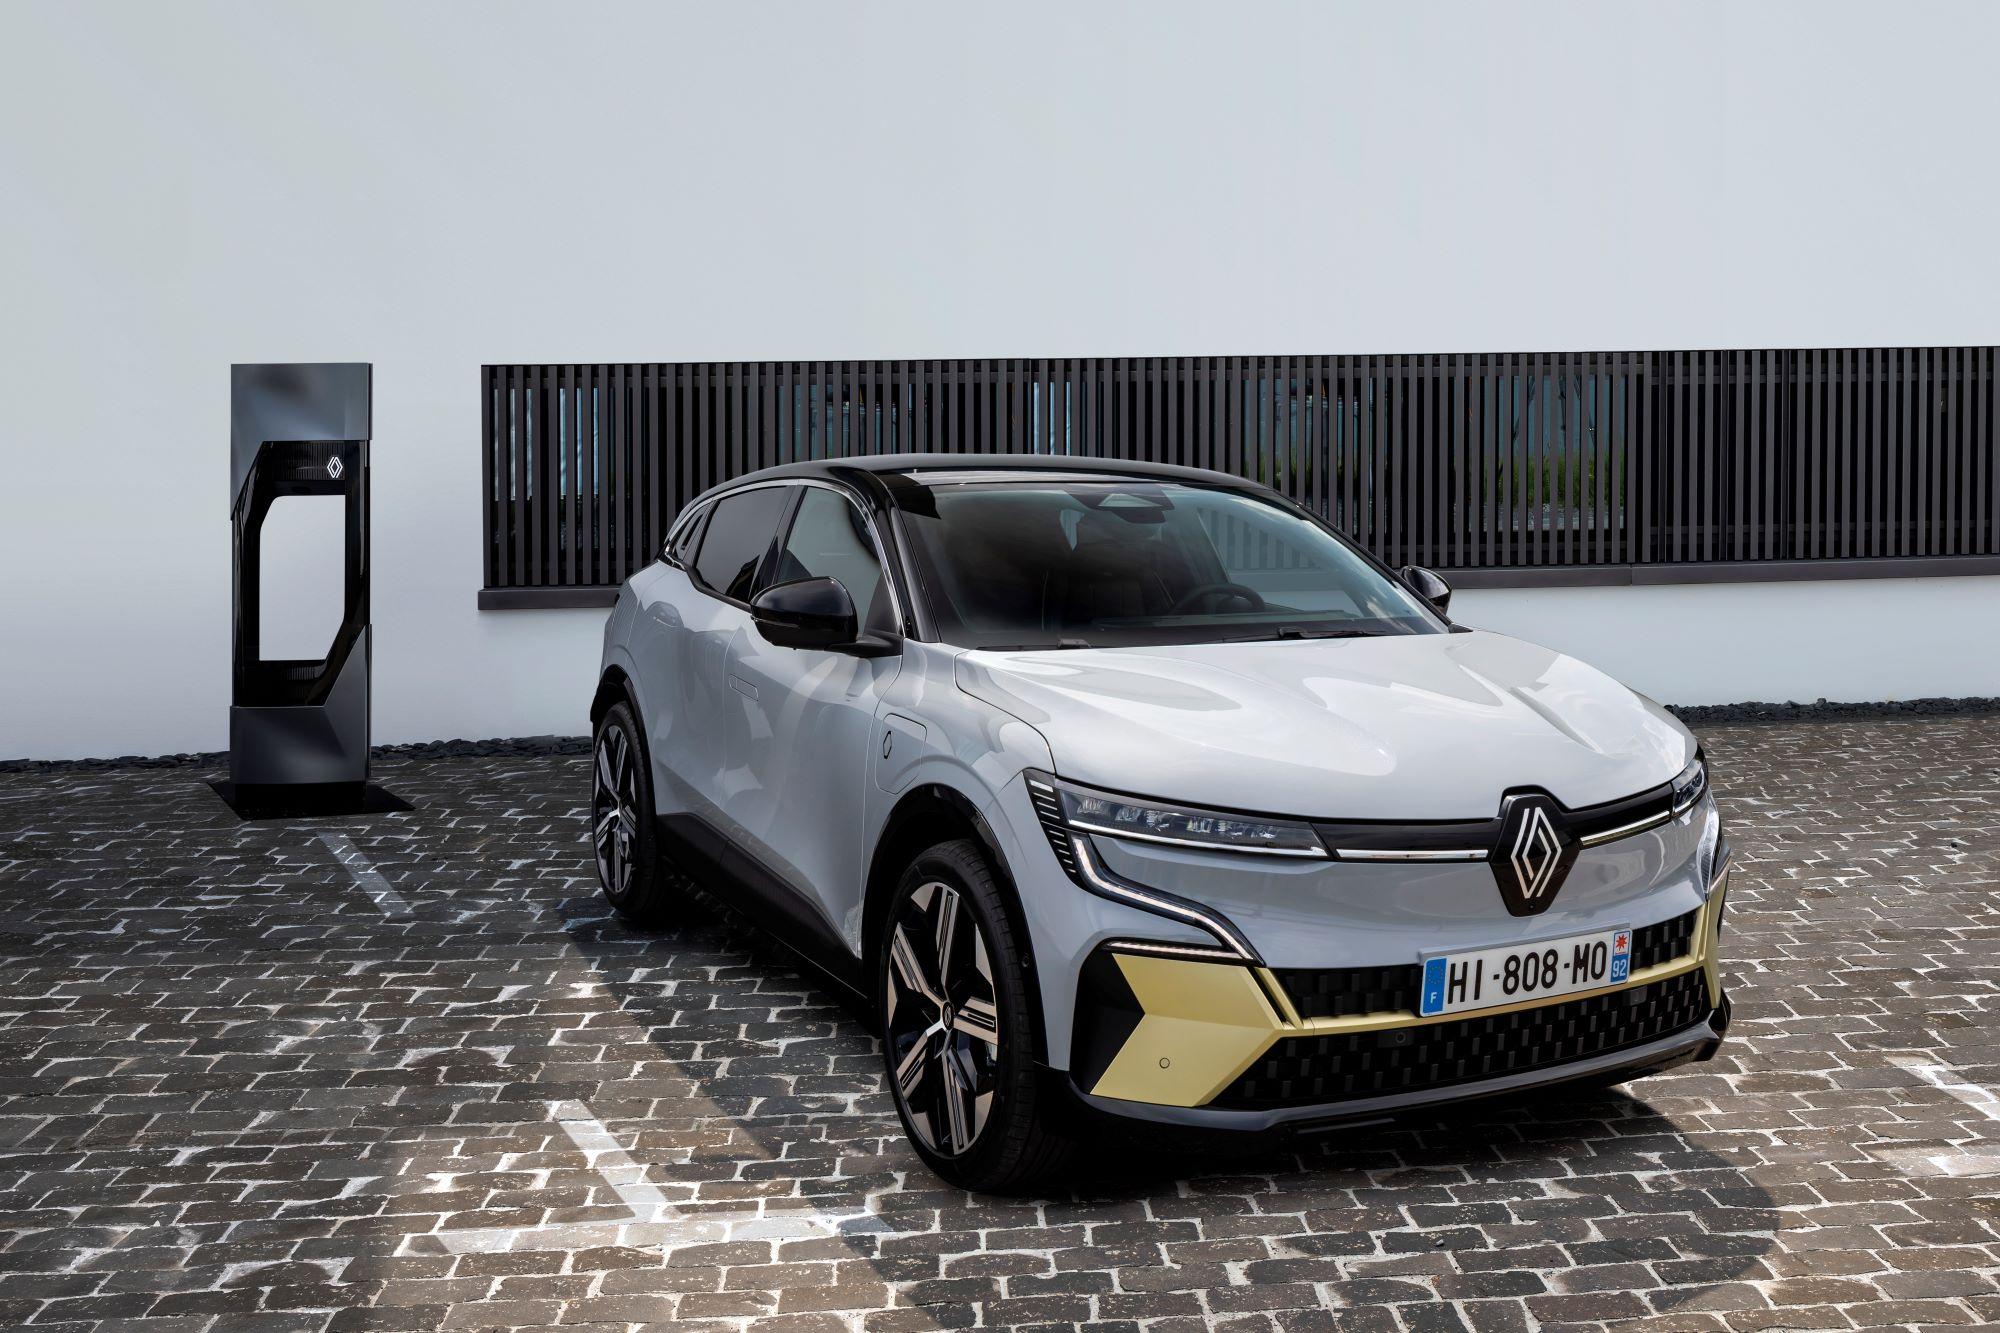 Renault - un coup d'accélérateur pour se garer